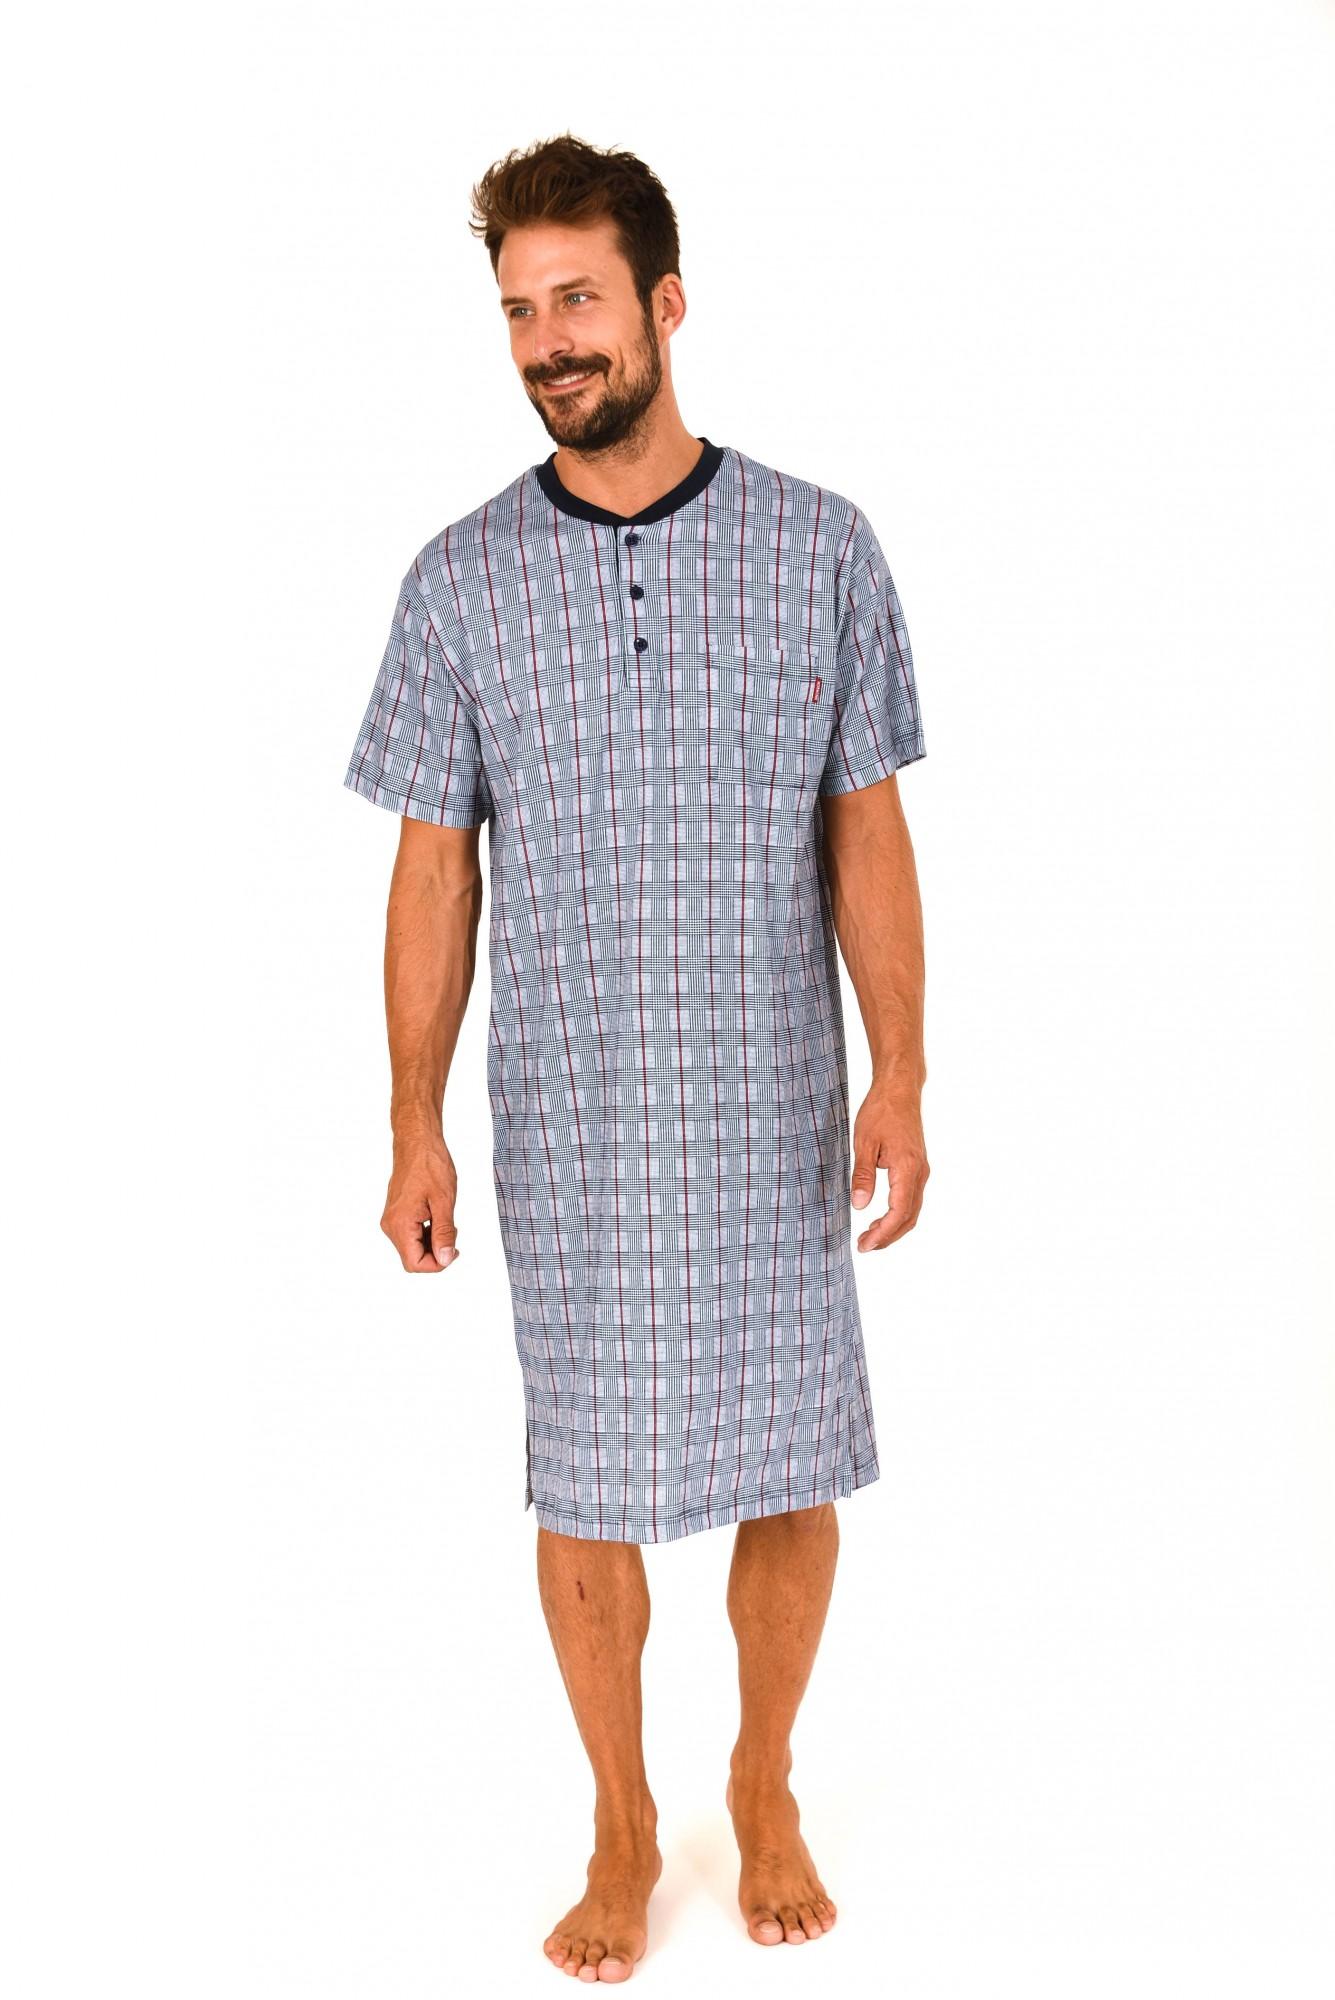 hot sale online bb910 54851 Herren Nachthemd kurzarm mit Knopfleiste am Hals – 171 110 ...